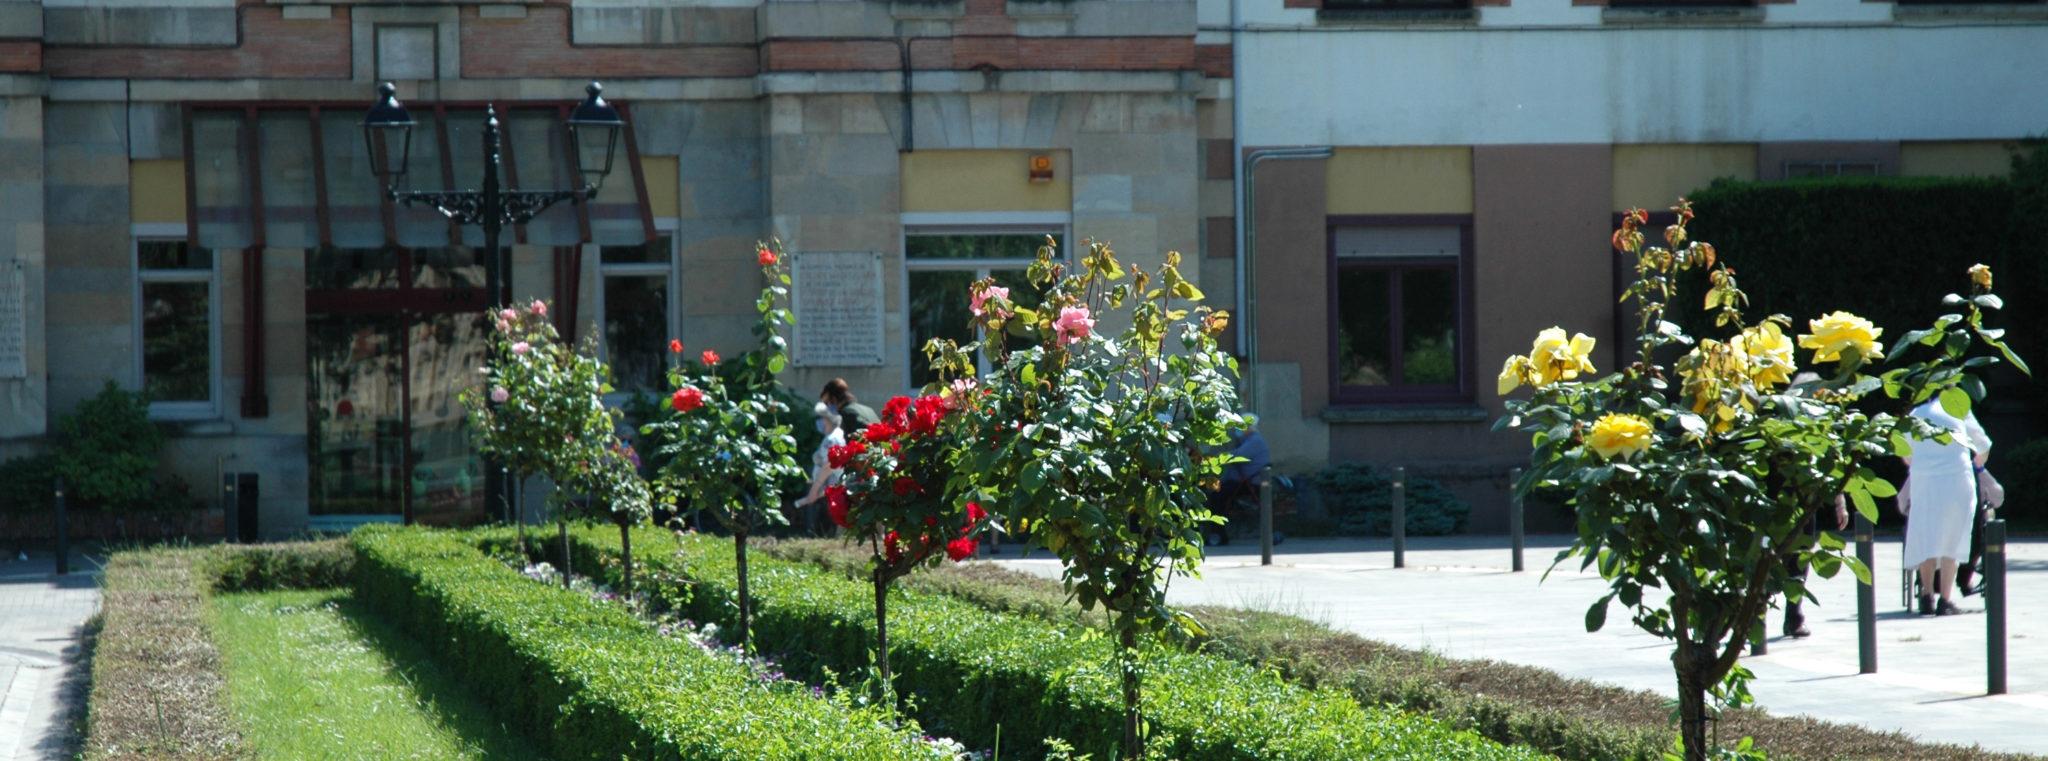 Flores en la entrada de la Casa de Misericordia